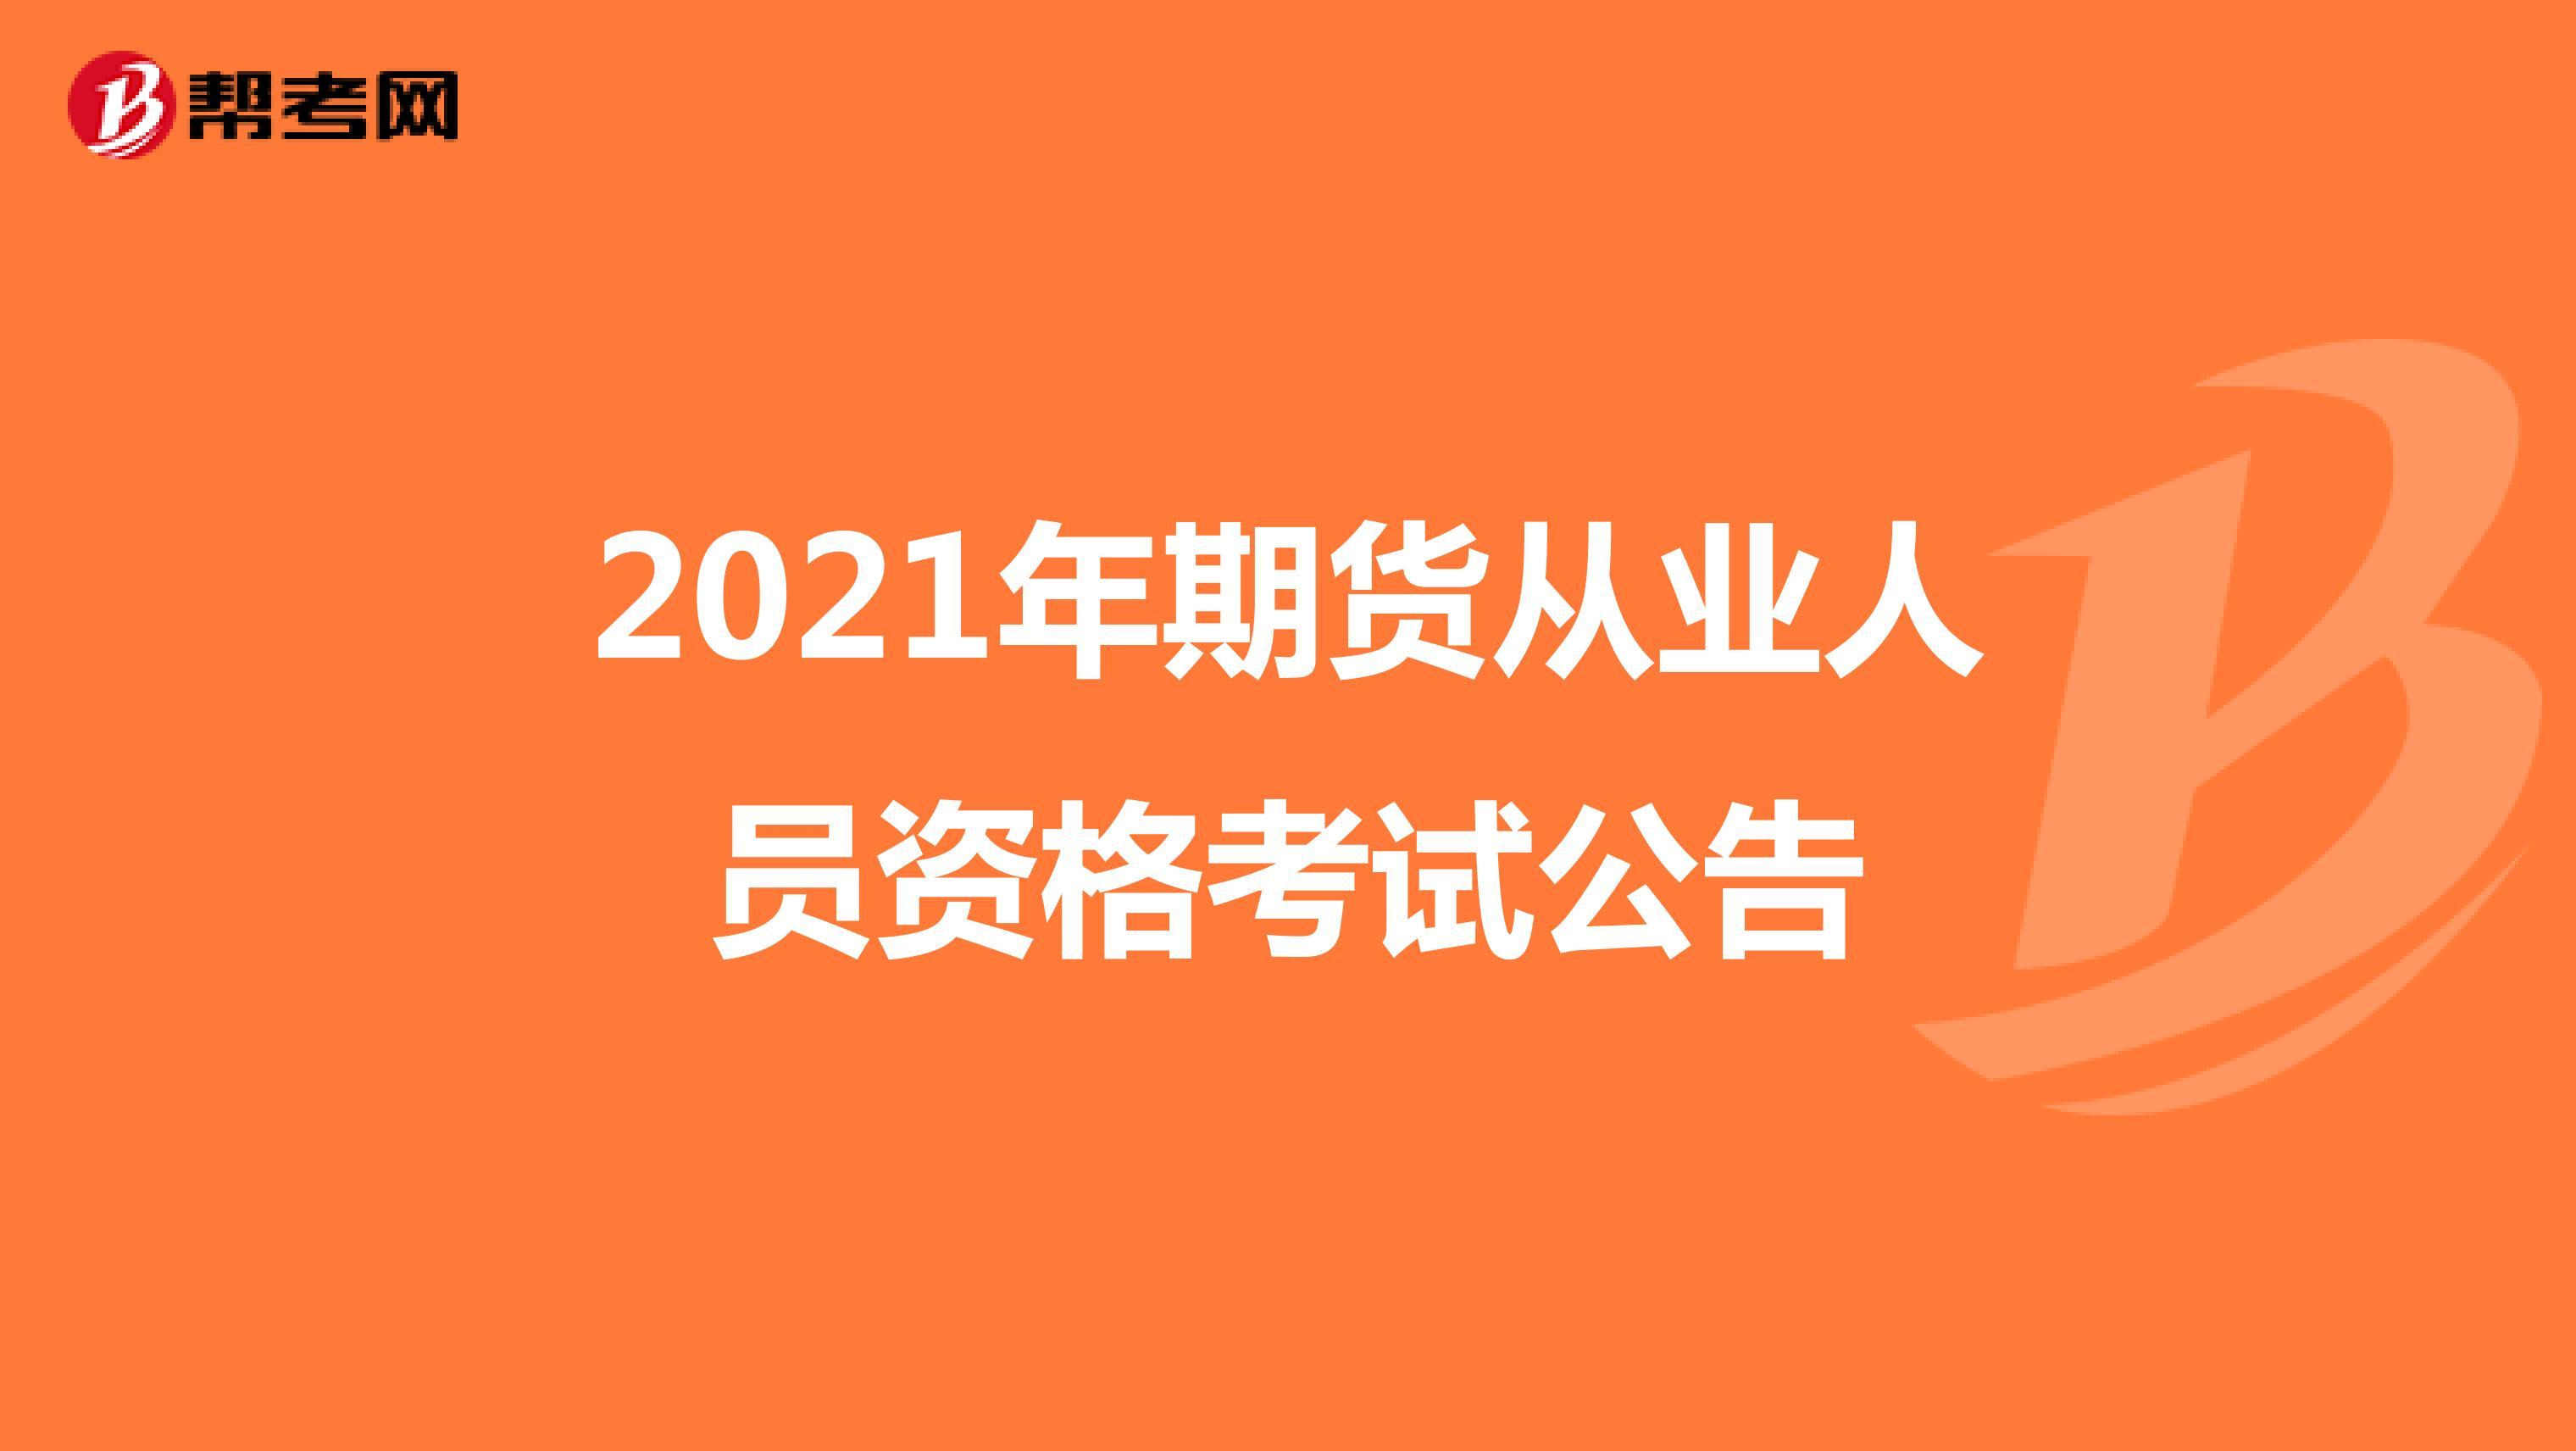 2021年期货从业人员资格考试公告